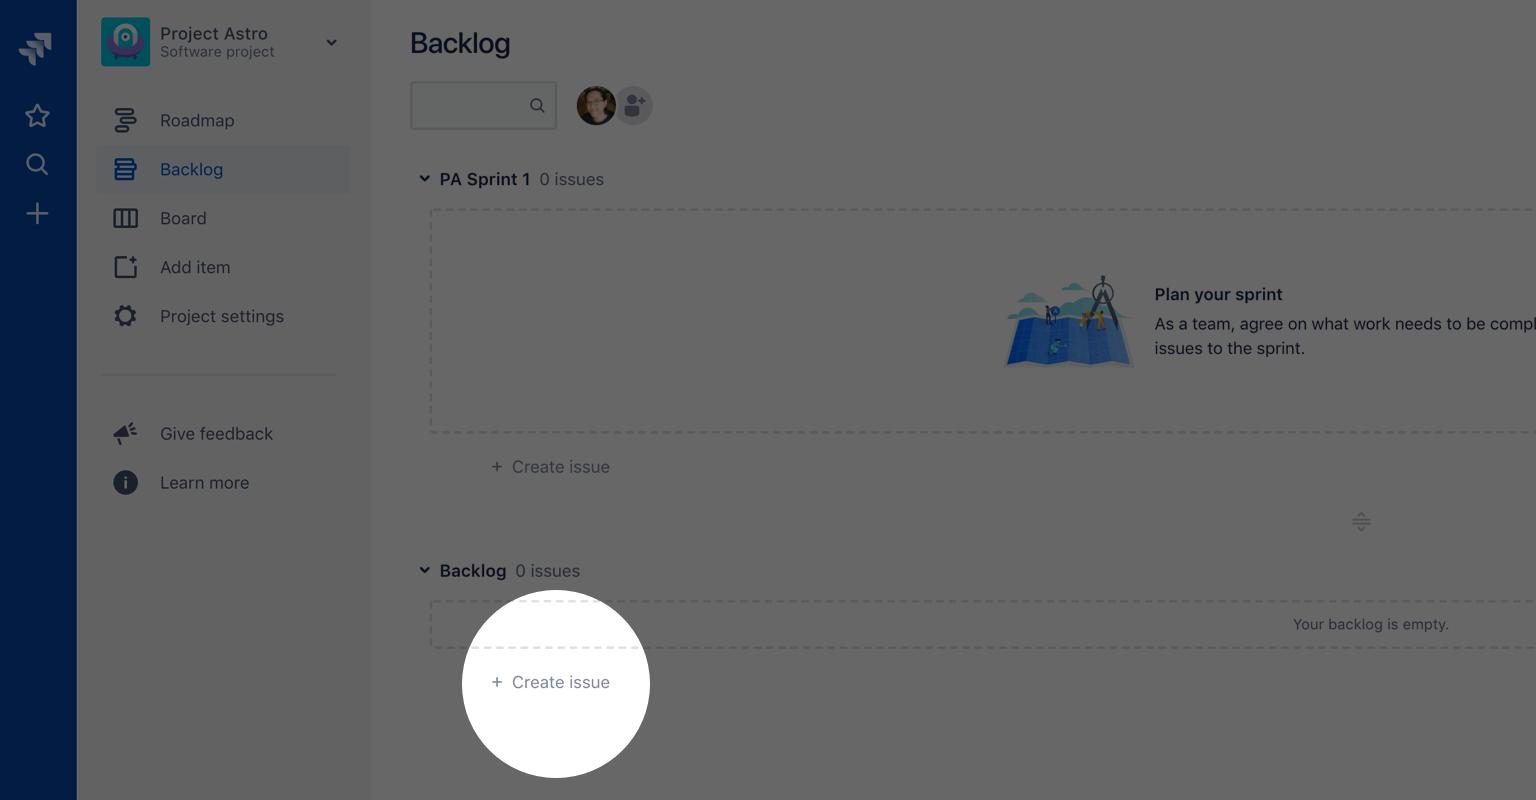 突出显示创建事务按钮的屏幕截图